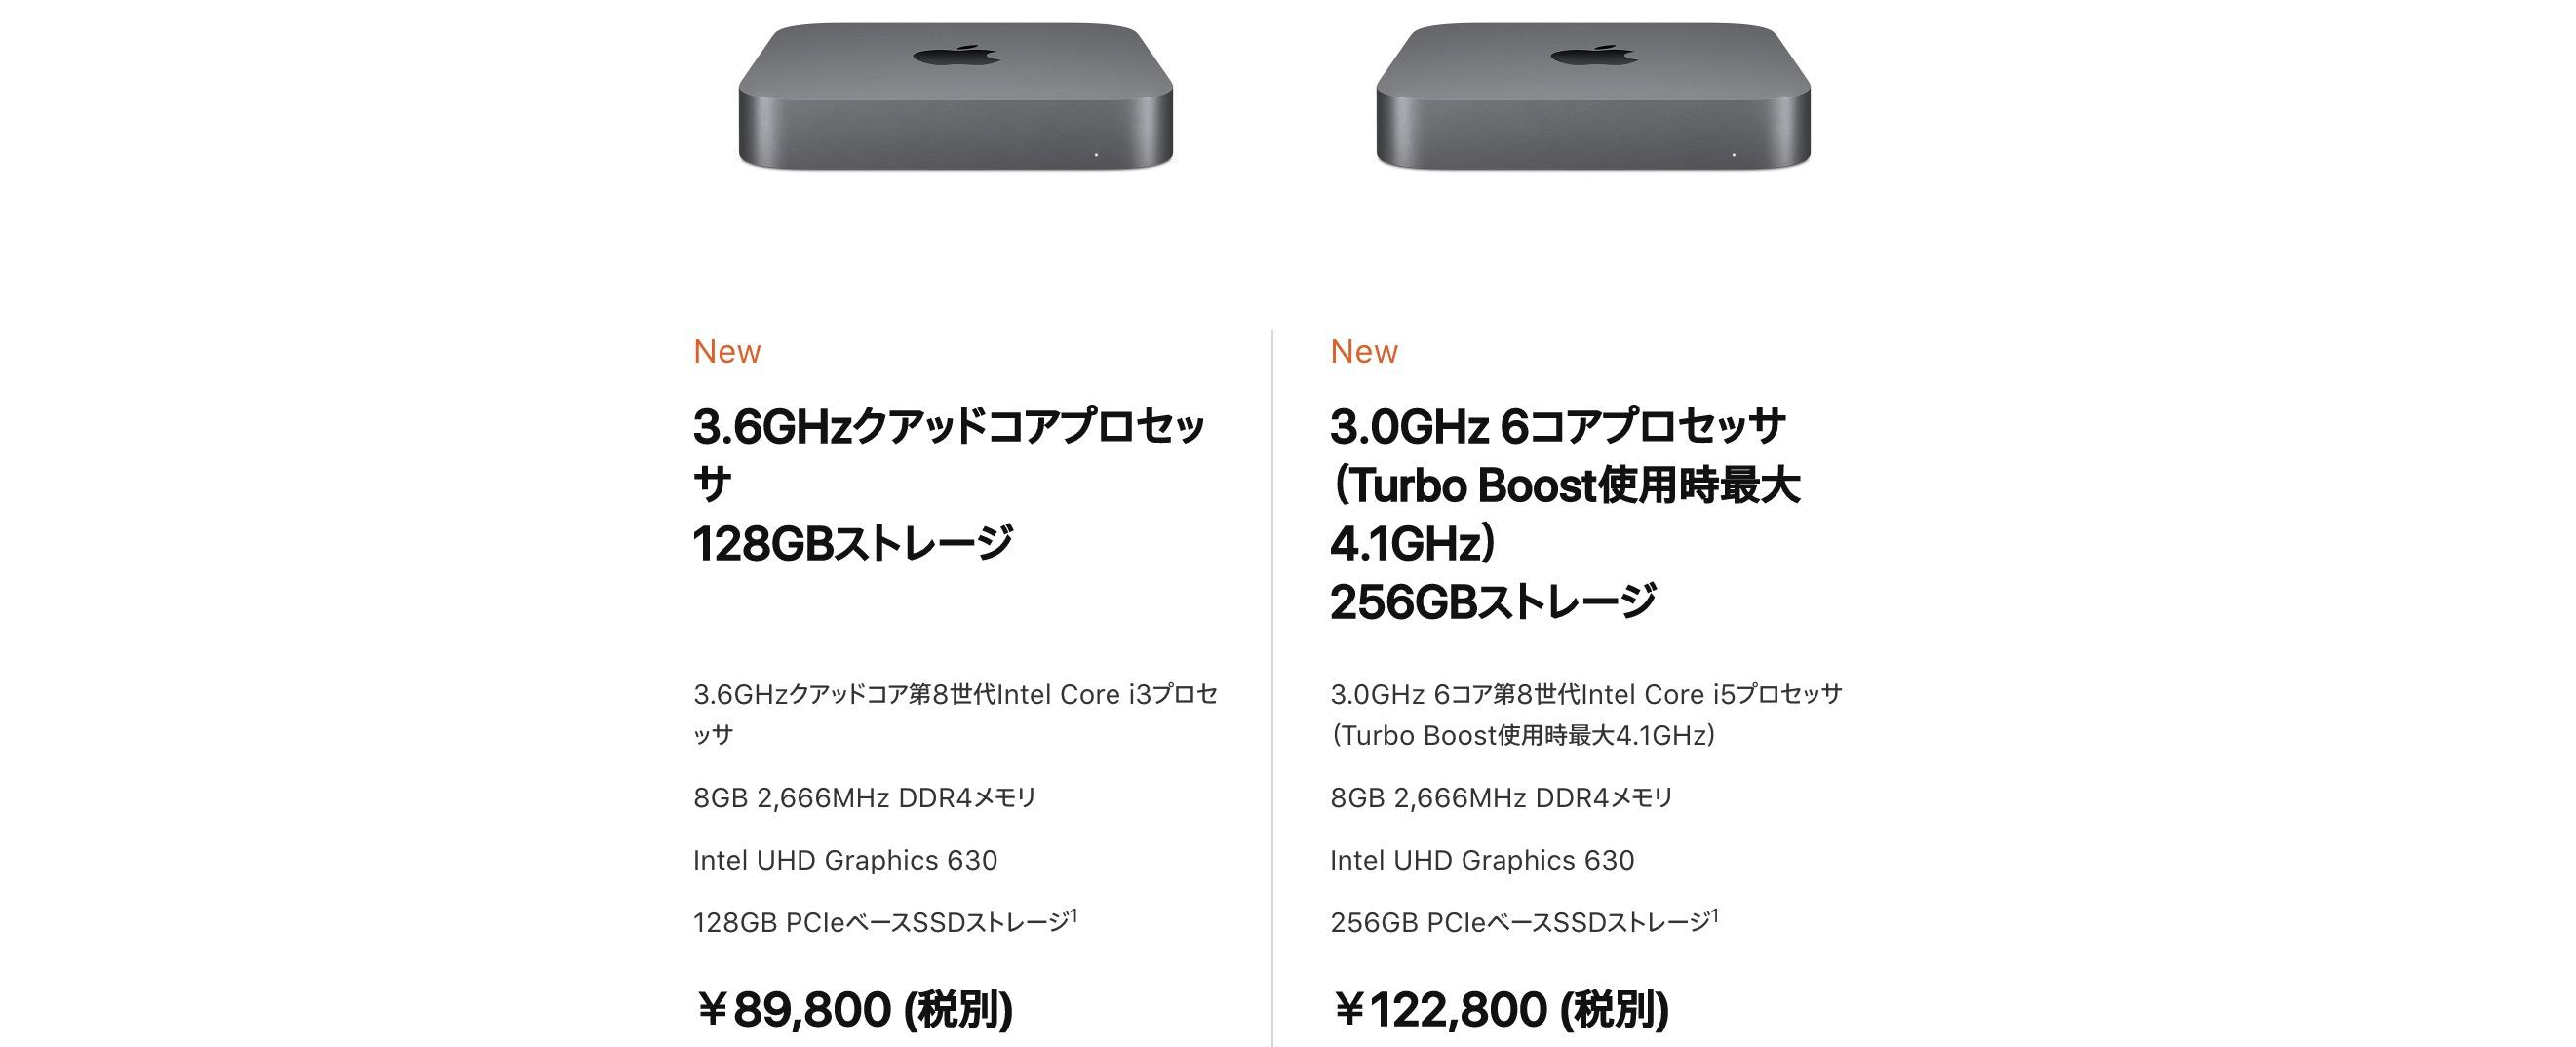 Mac mini 2018 価格